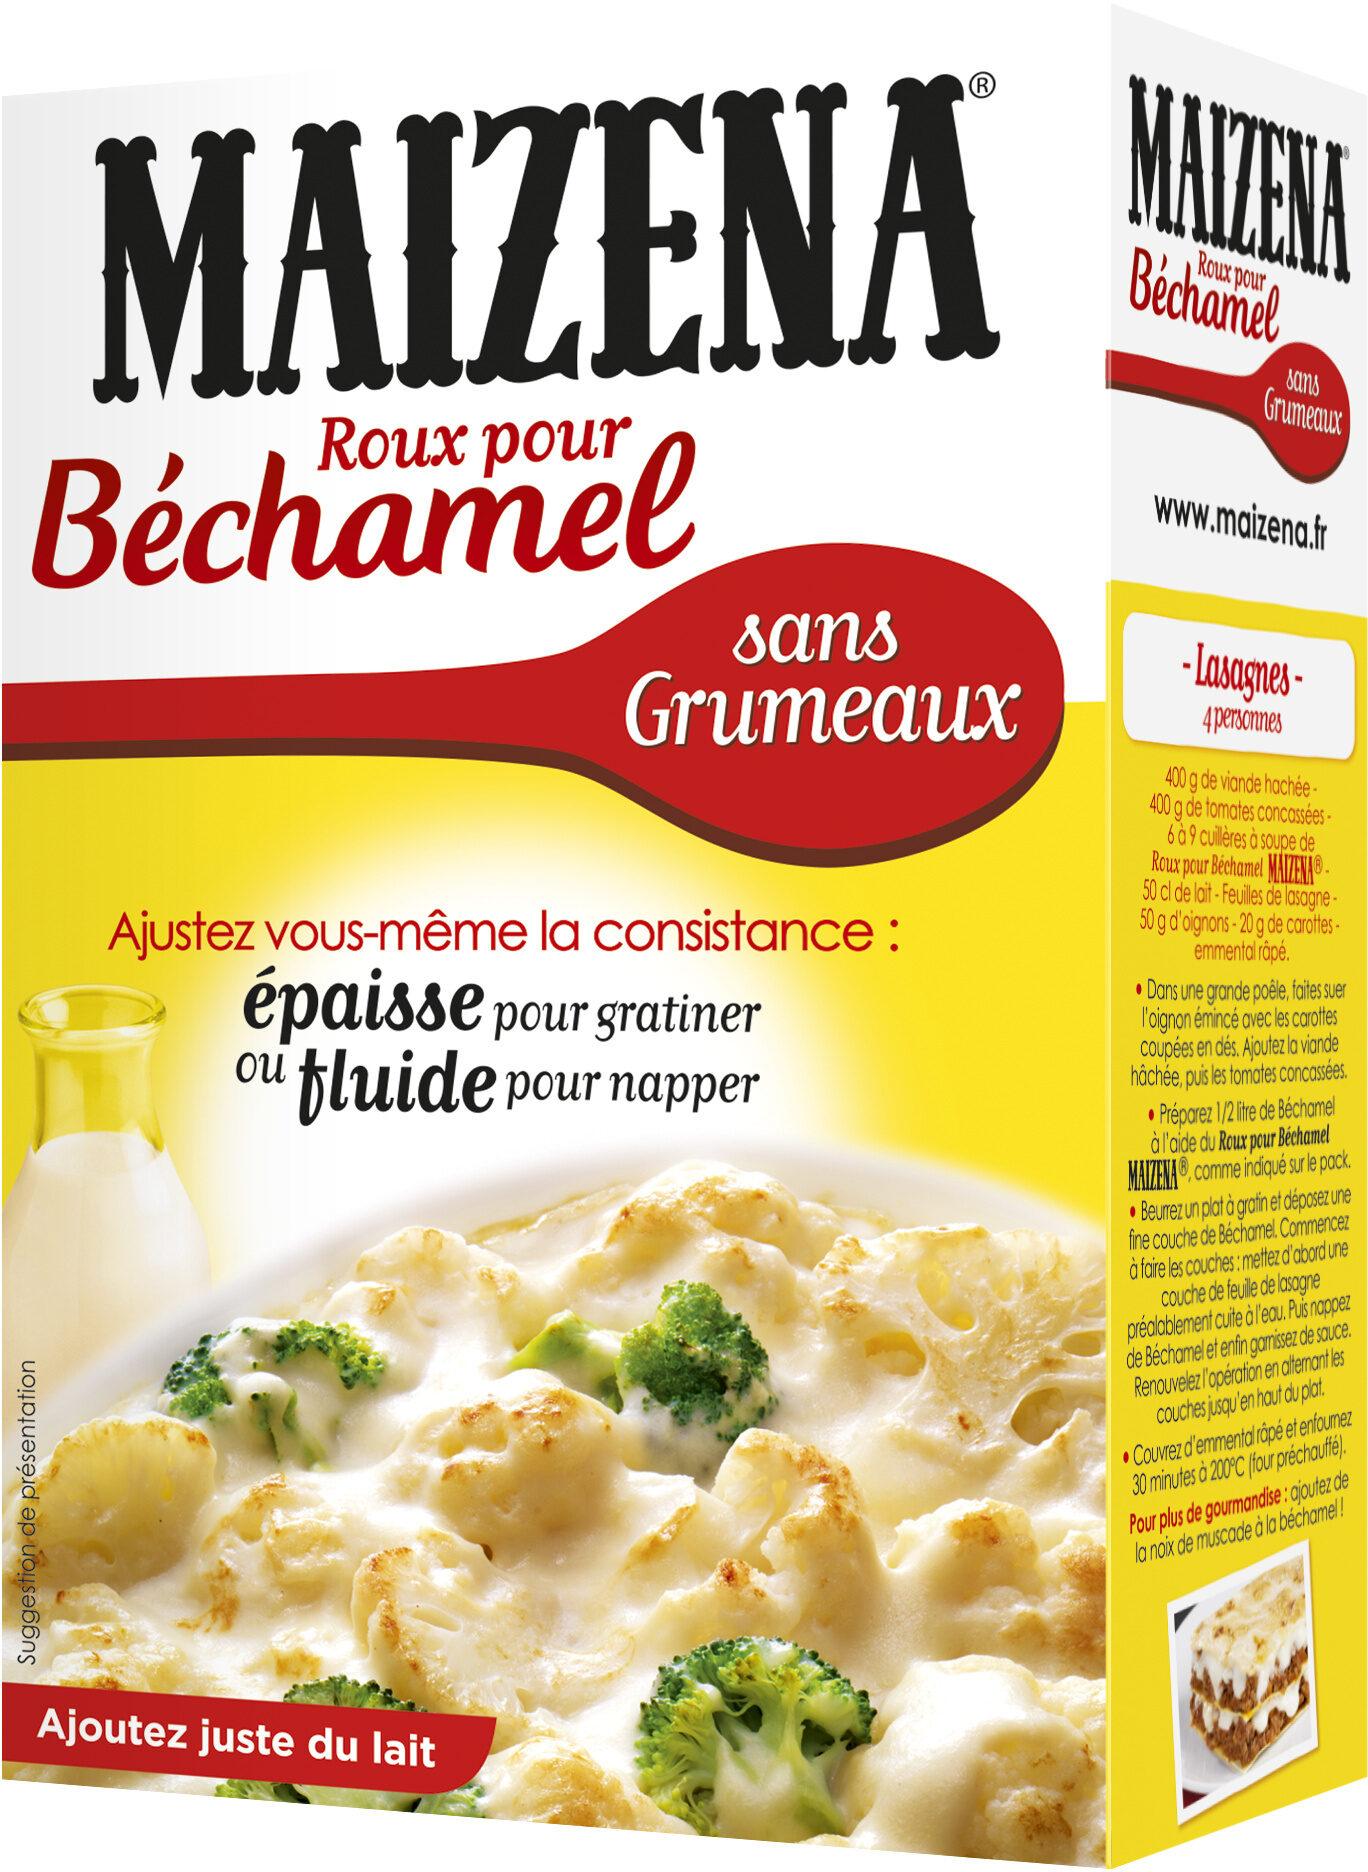 Maizena Roux pour Béchamel 250g - Product - fr